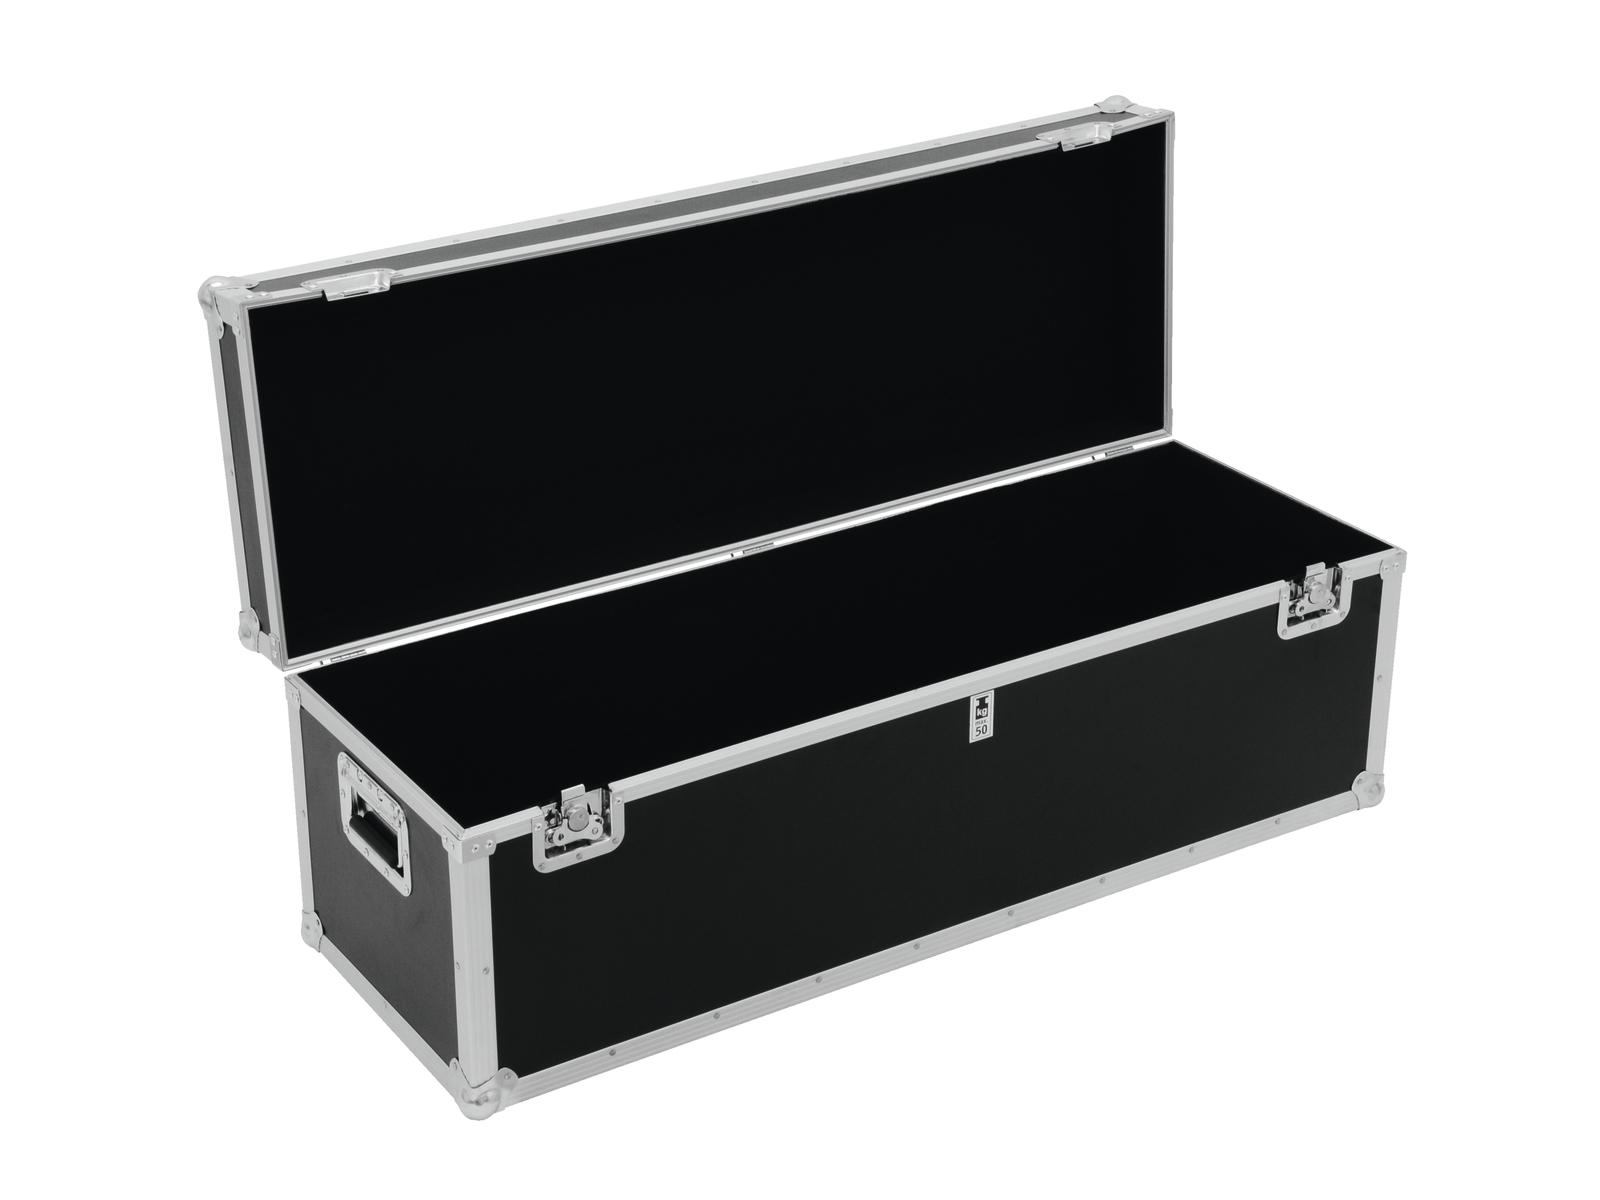 Universální transportní Case, 1200 x 400 x 430 mm, 7 mm